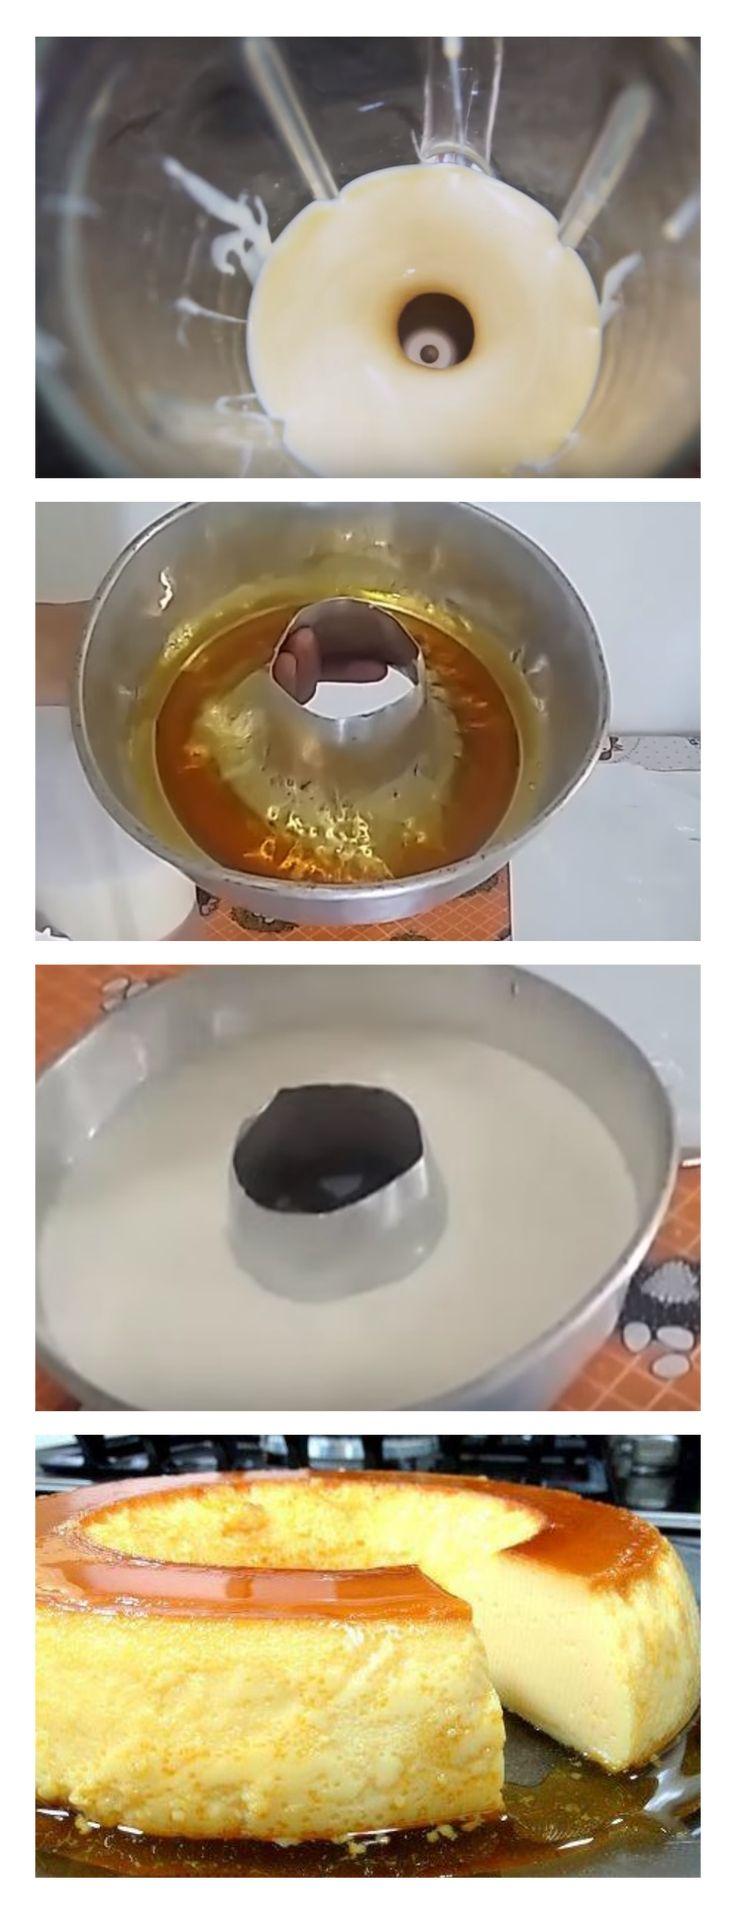 Pudim que não vai ao forno salve esse pin Dissolva a gelatina no leite e coloque no liquidificador #bolo#torta#doce#sobremesa#aniversario#pudim#mousse#pave#Cheesecake#chocolate